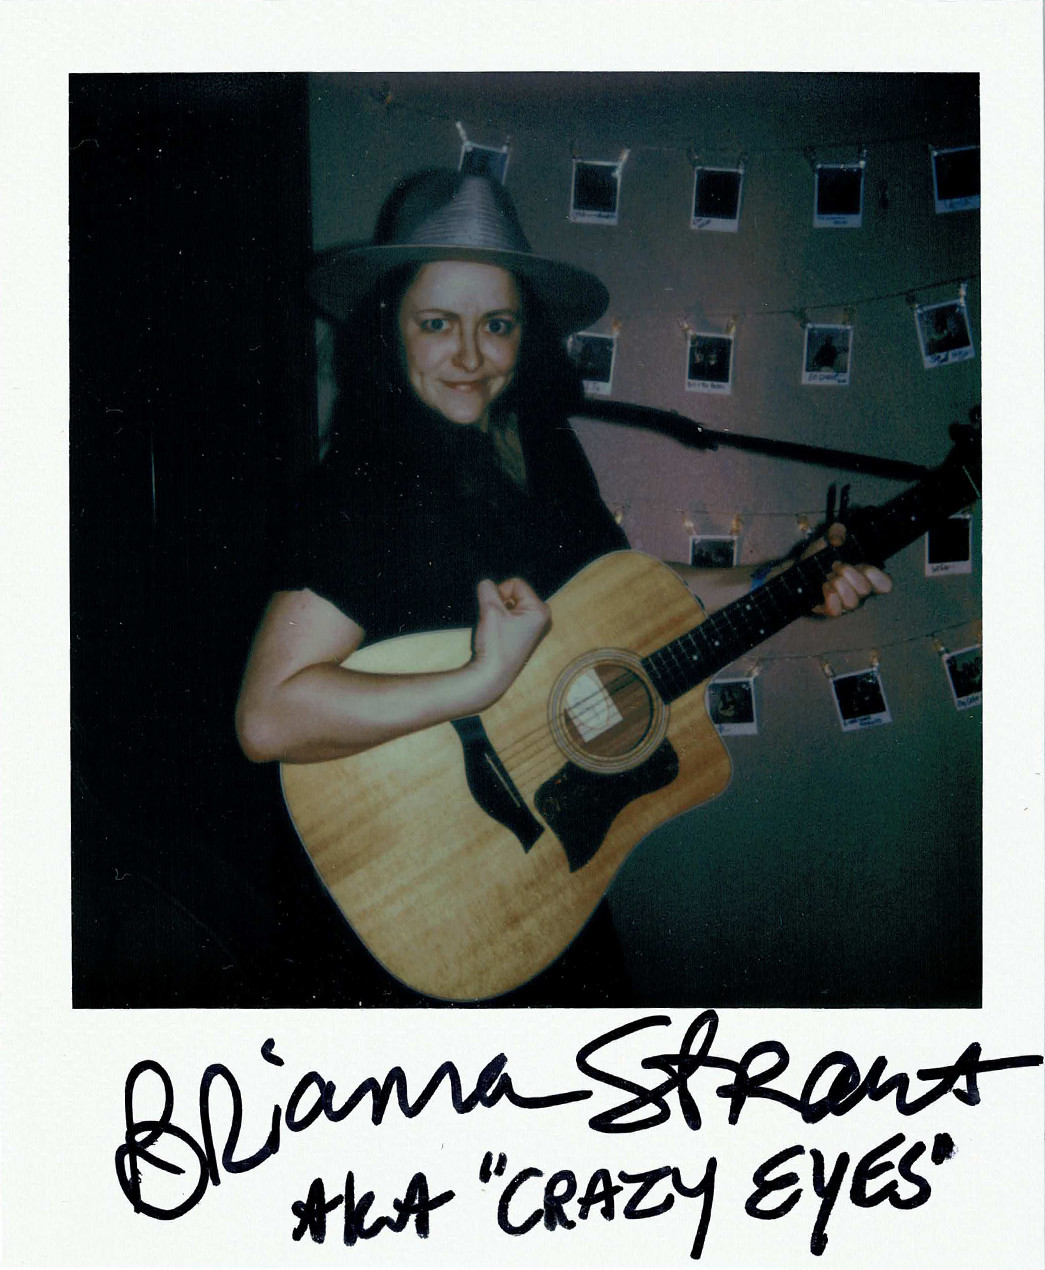 Brianna Straut